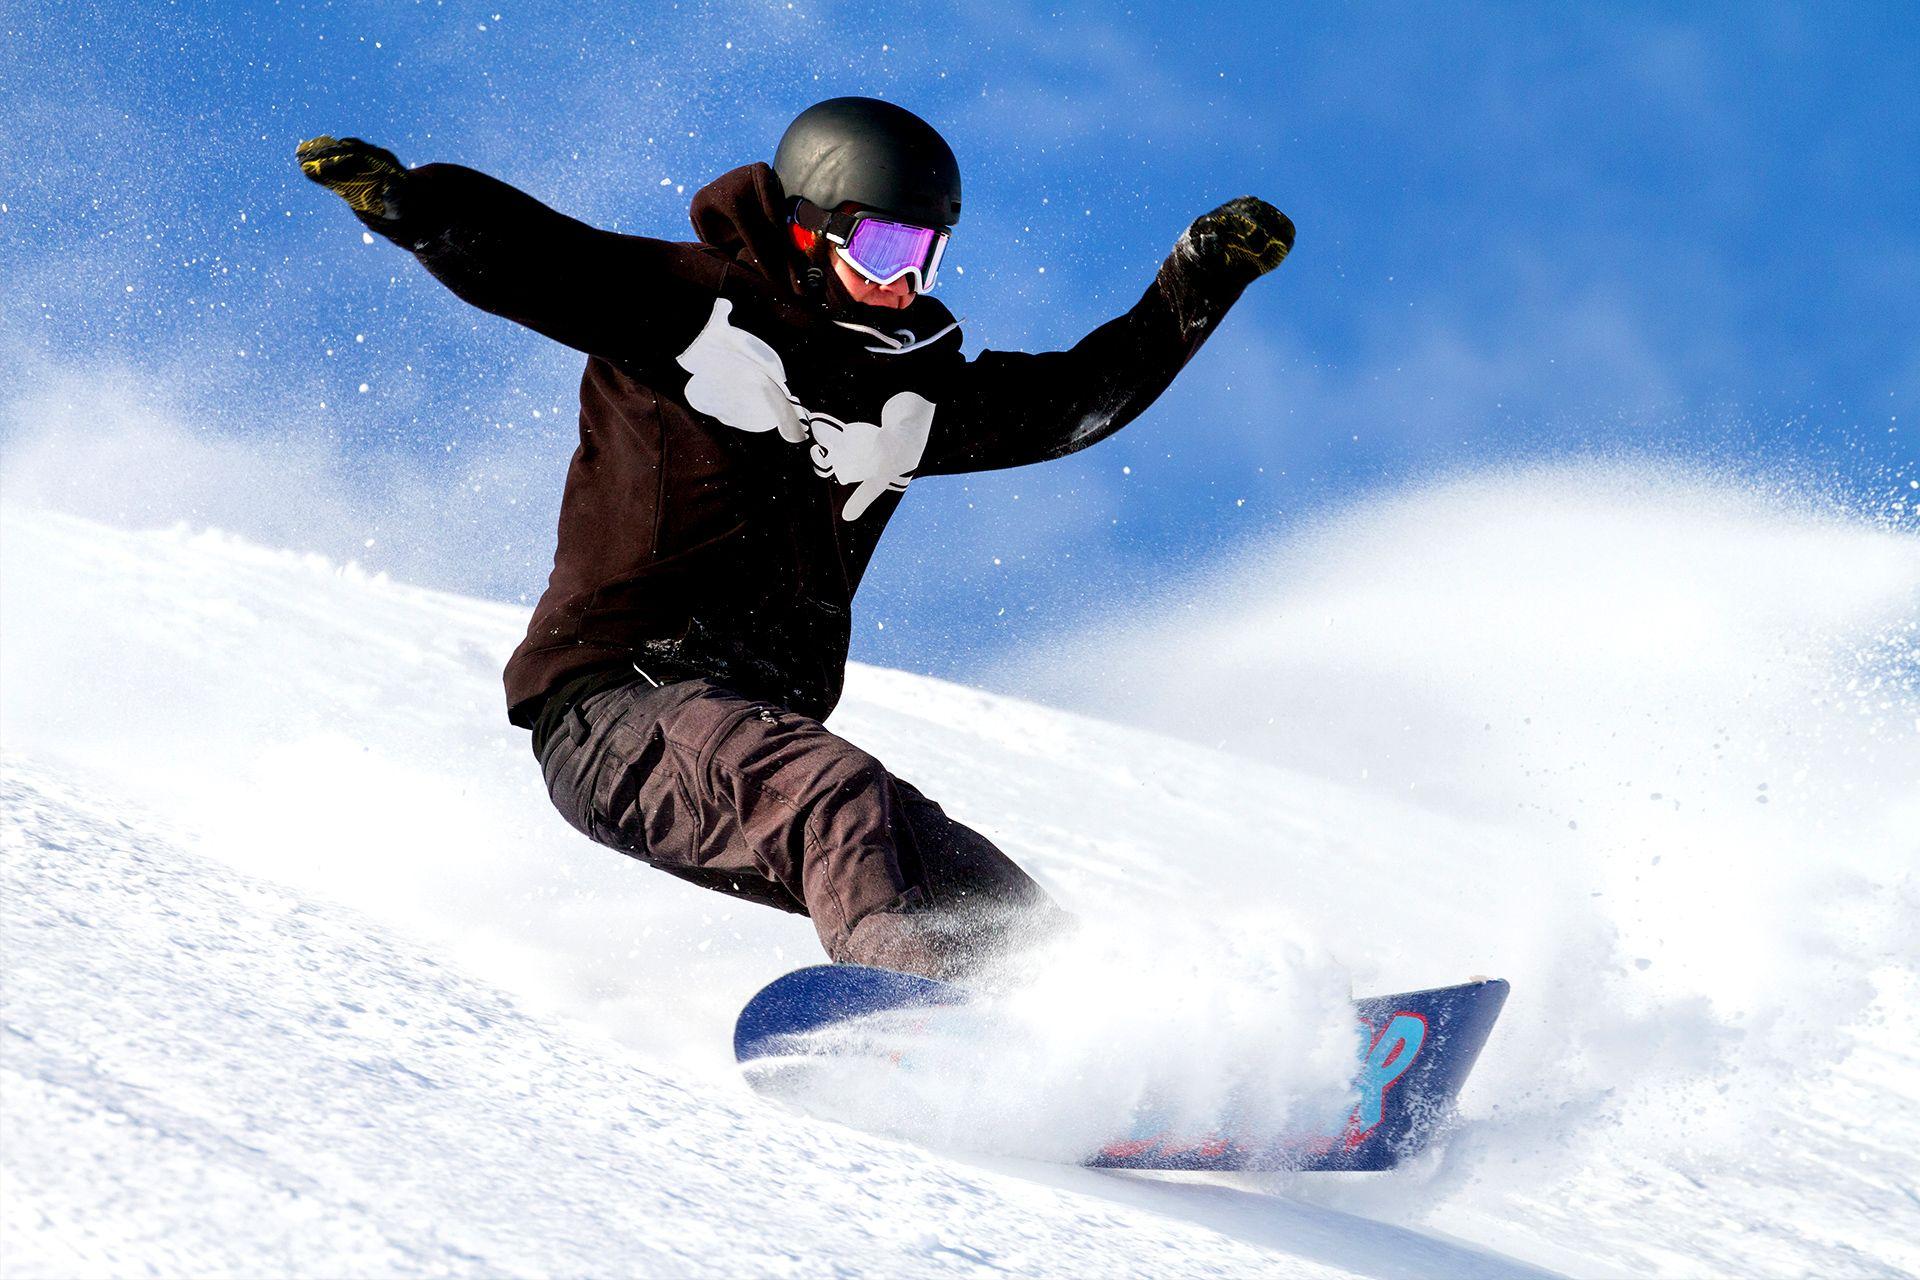 snowboardkurs in oberwiesenthal ab 69 schenken. Black Bedroom Furniture Sets. Home Design Ideas